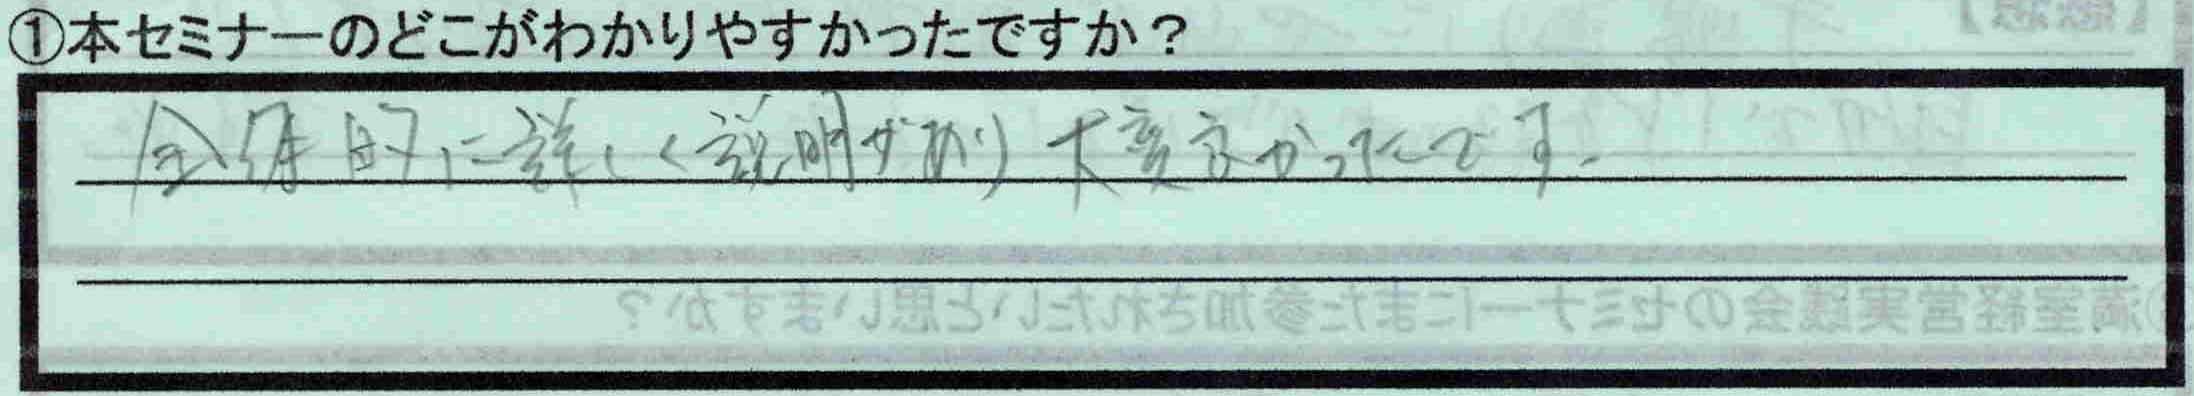 東京都本間繁さん-2